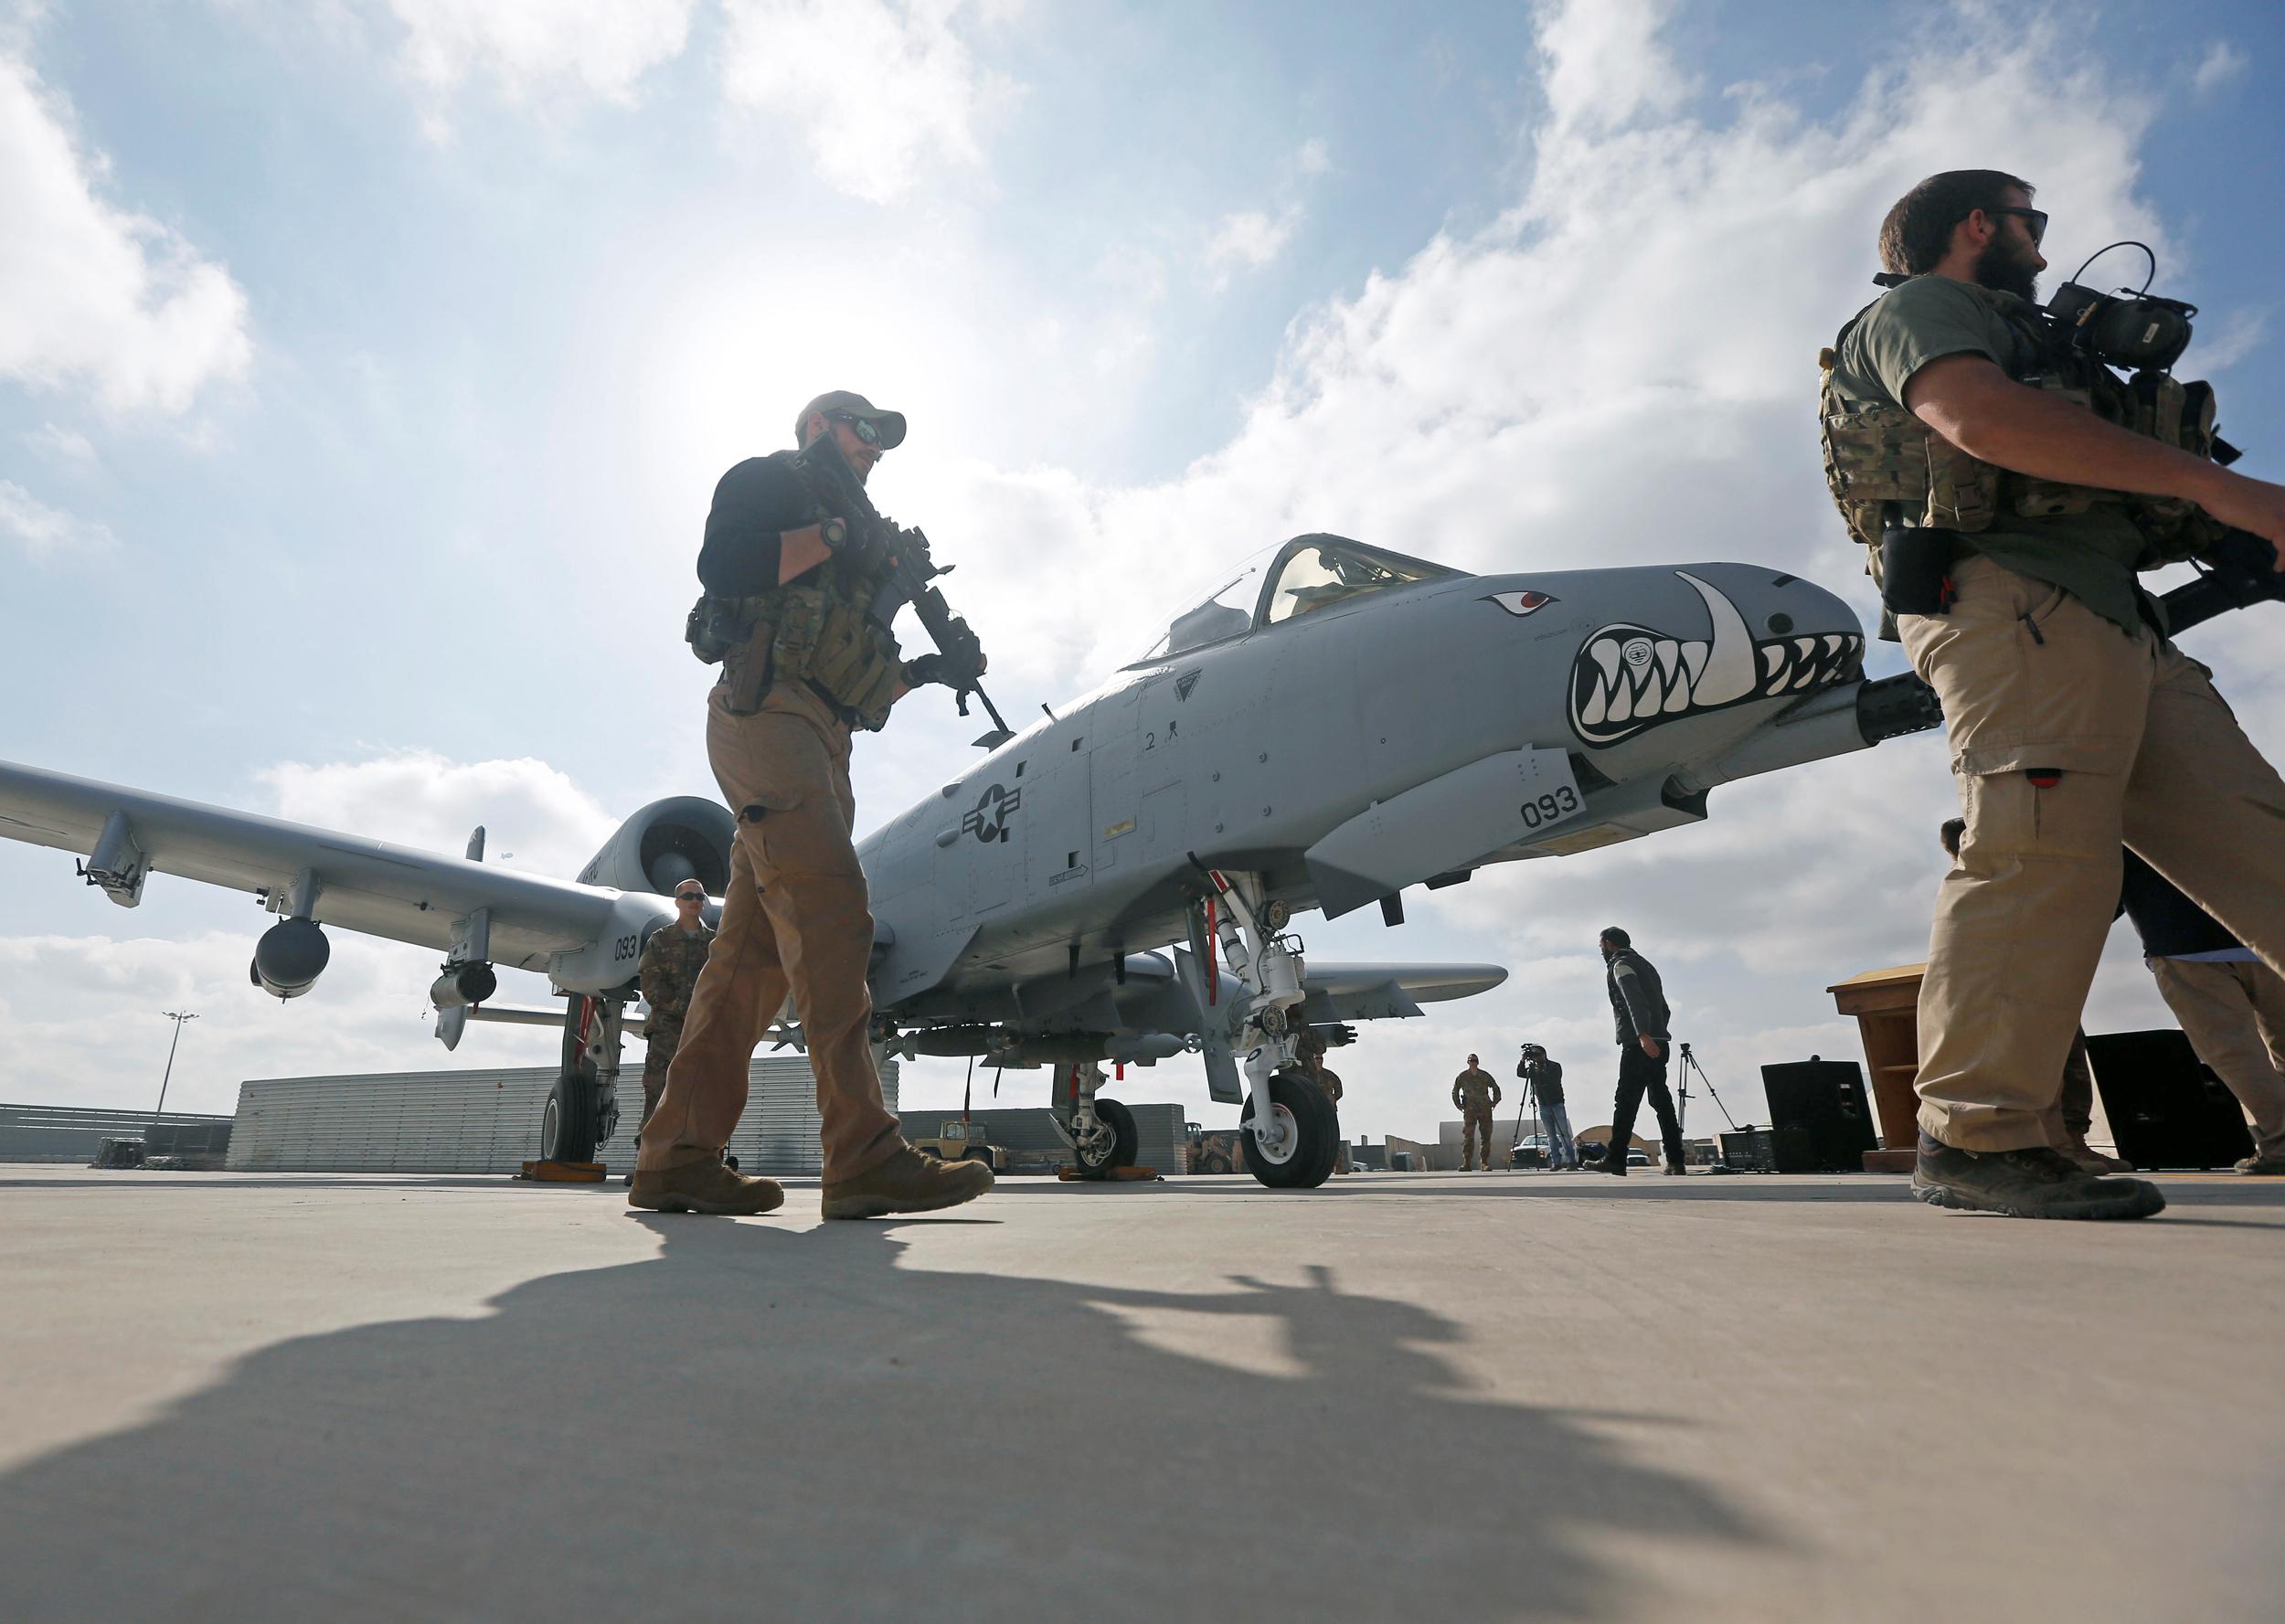 Khandahar airbase